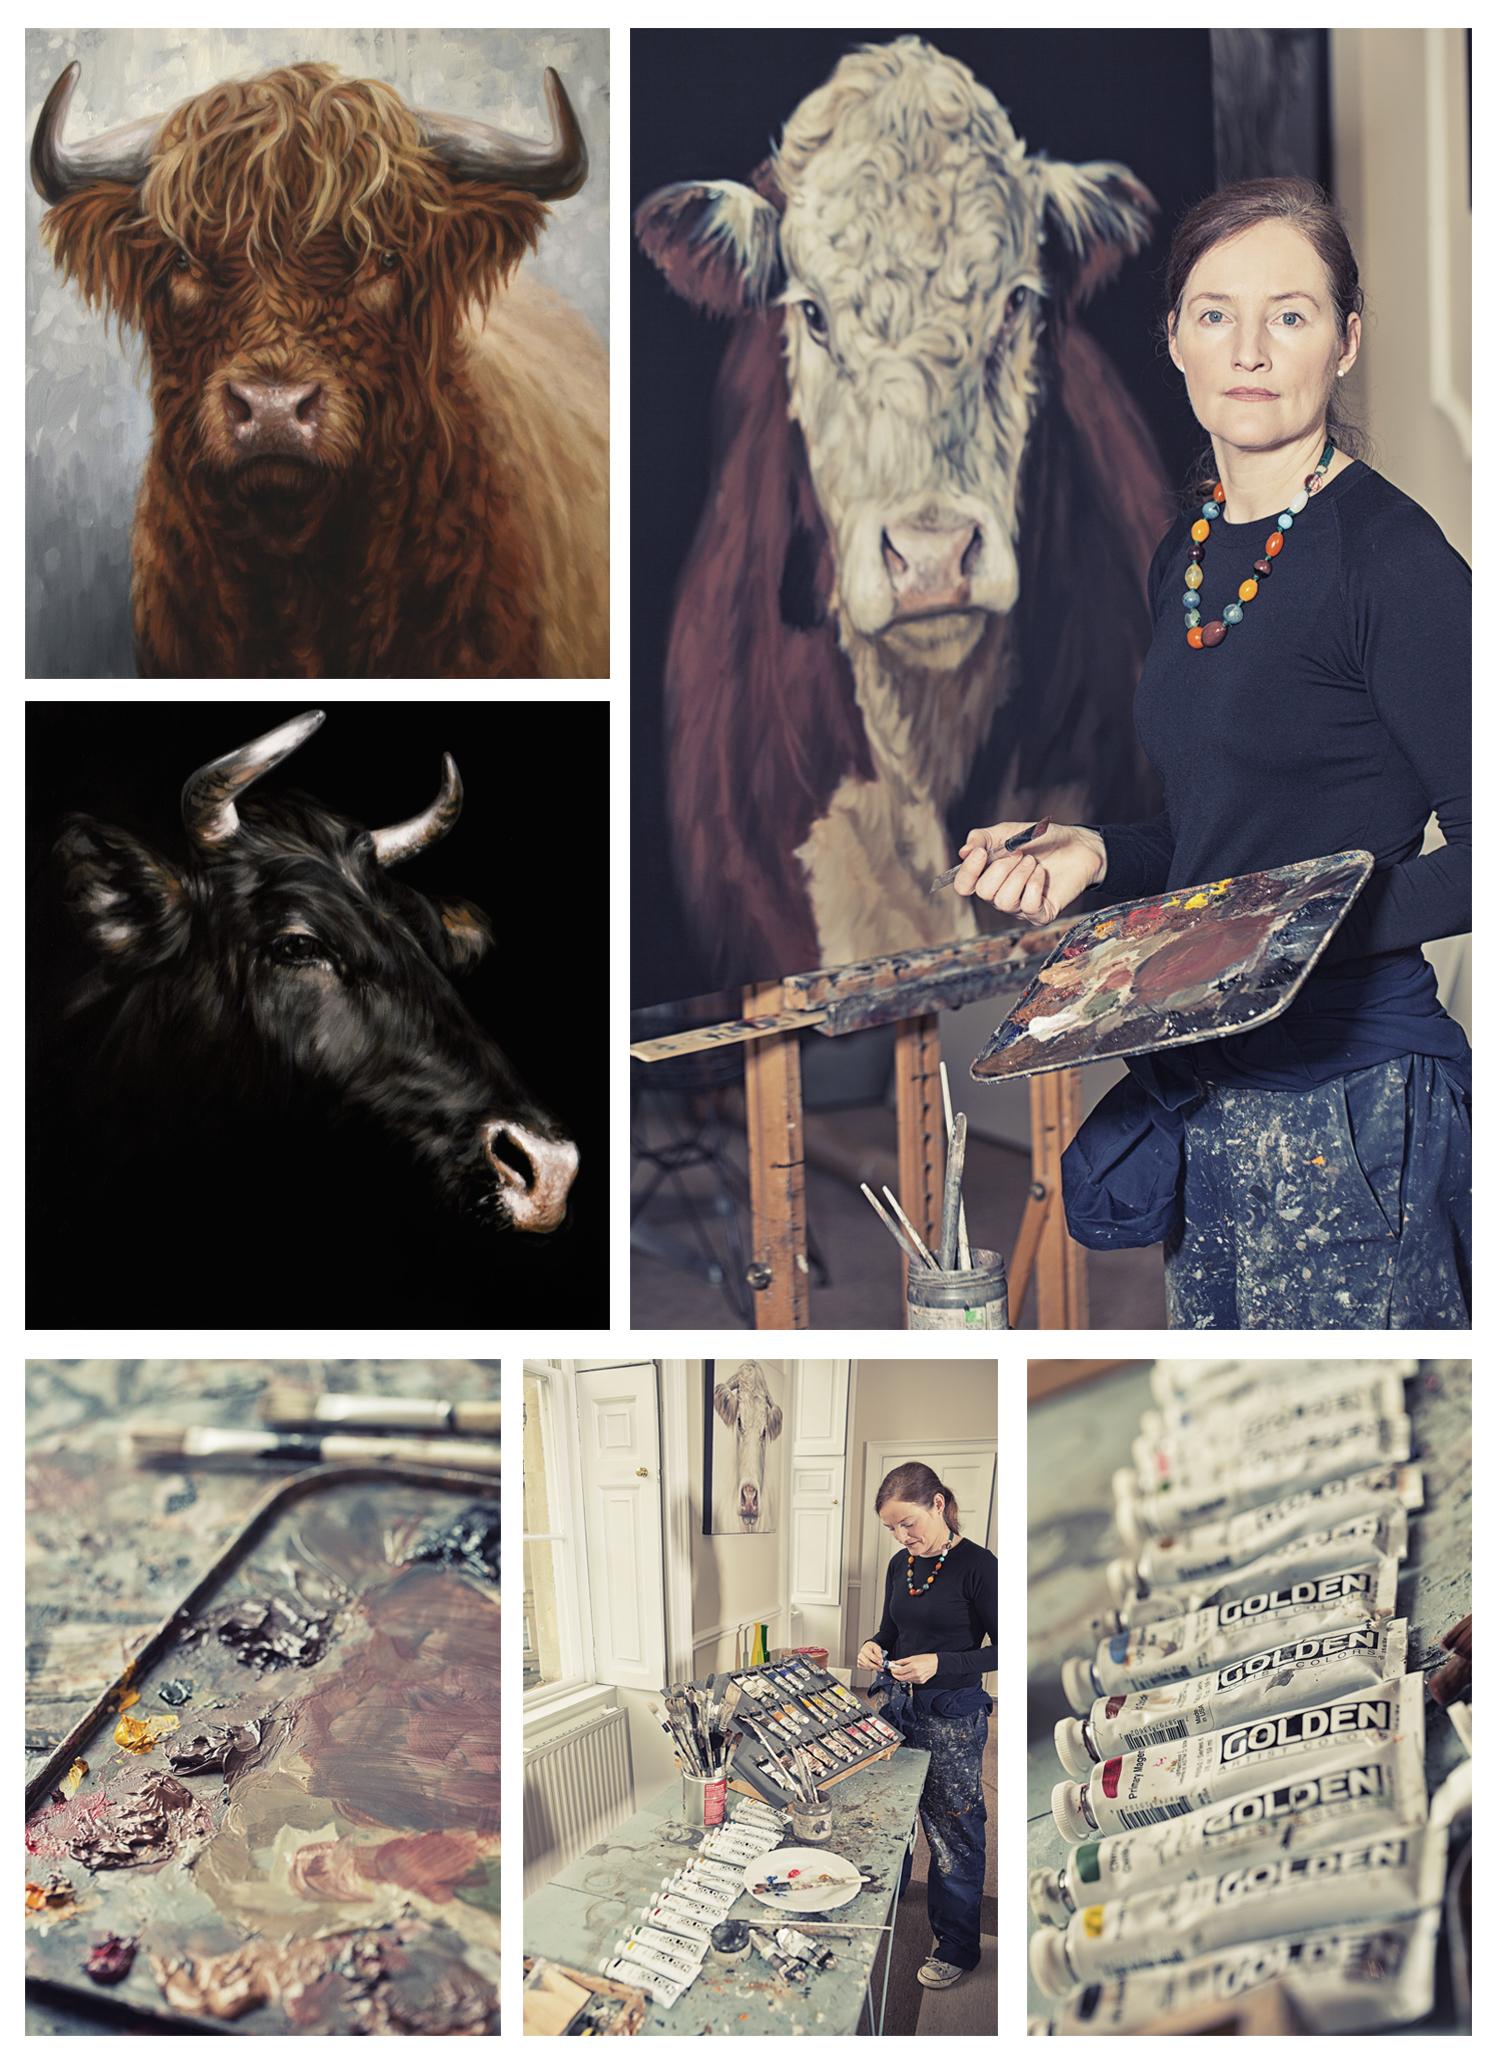 Joanne Cope, Artist